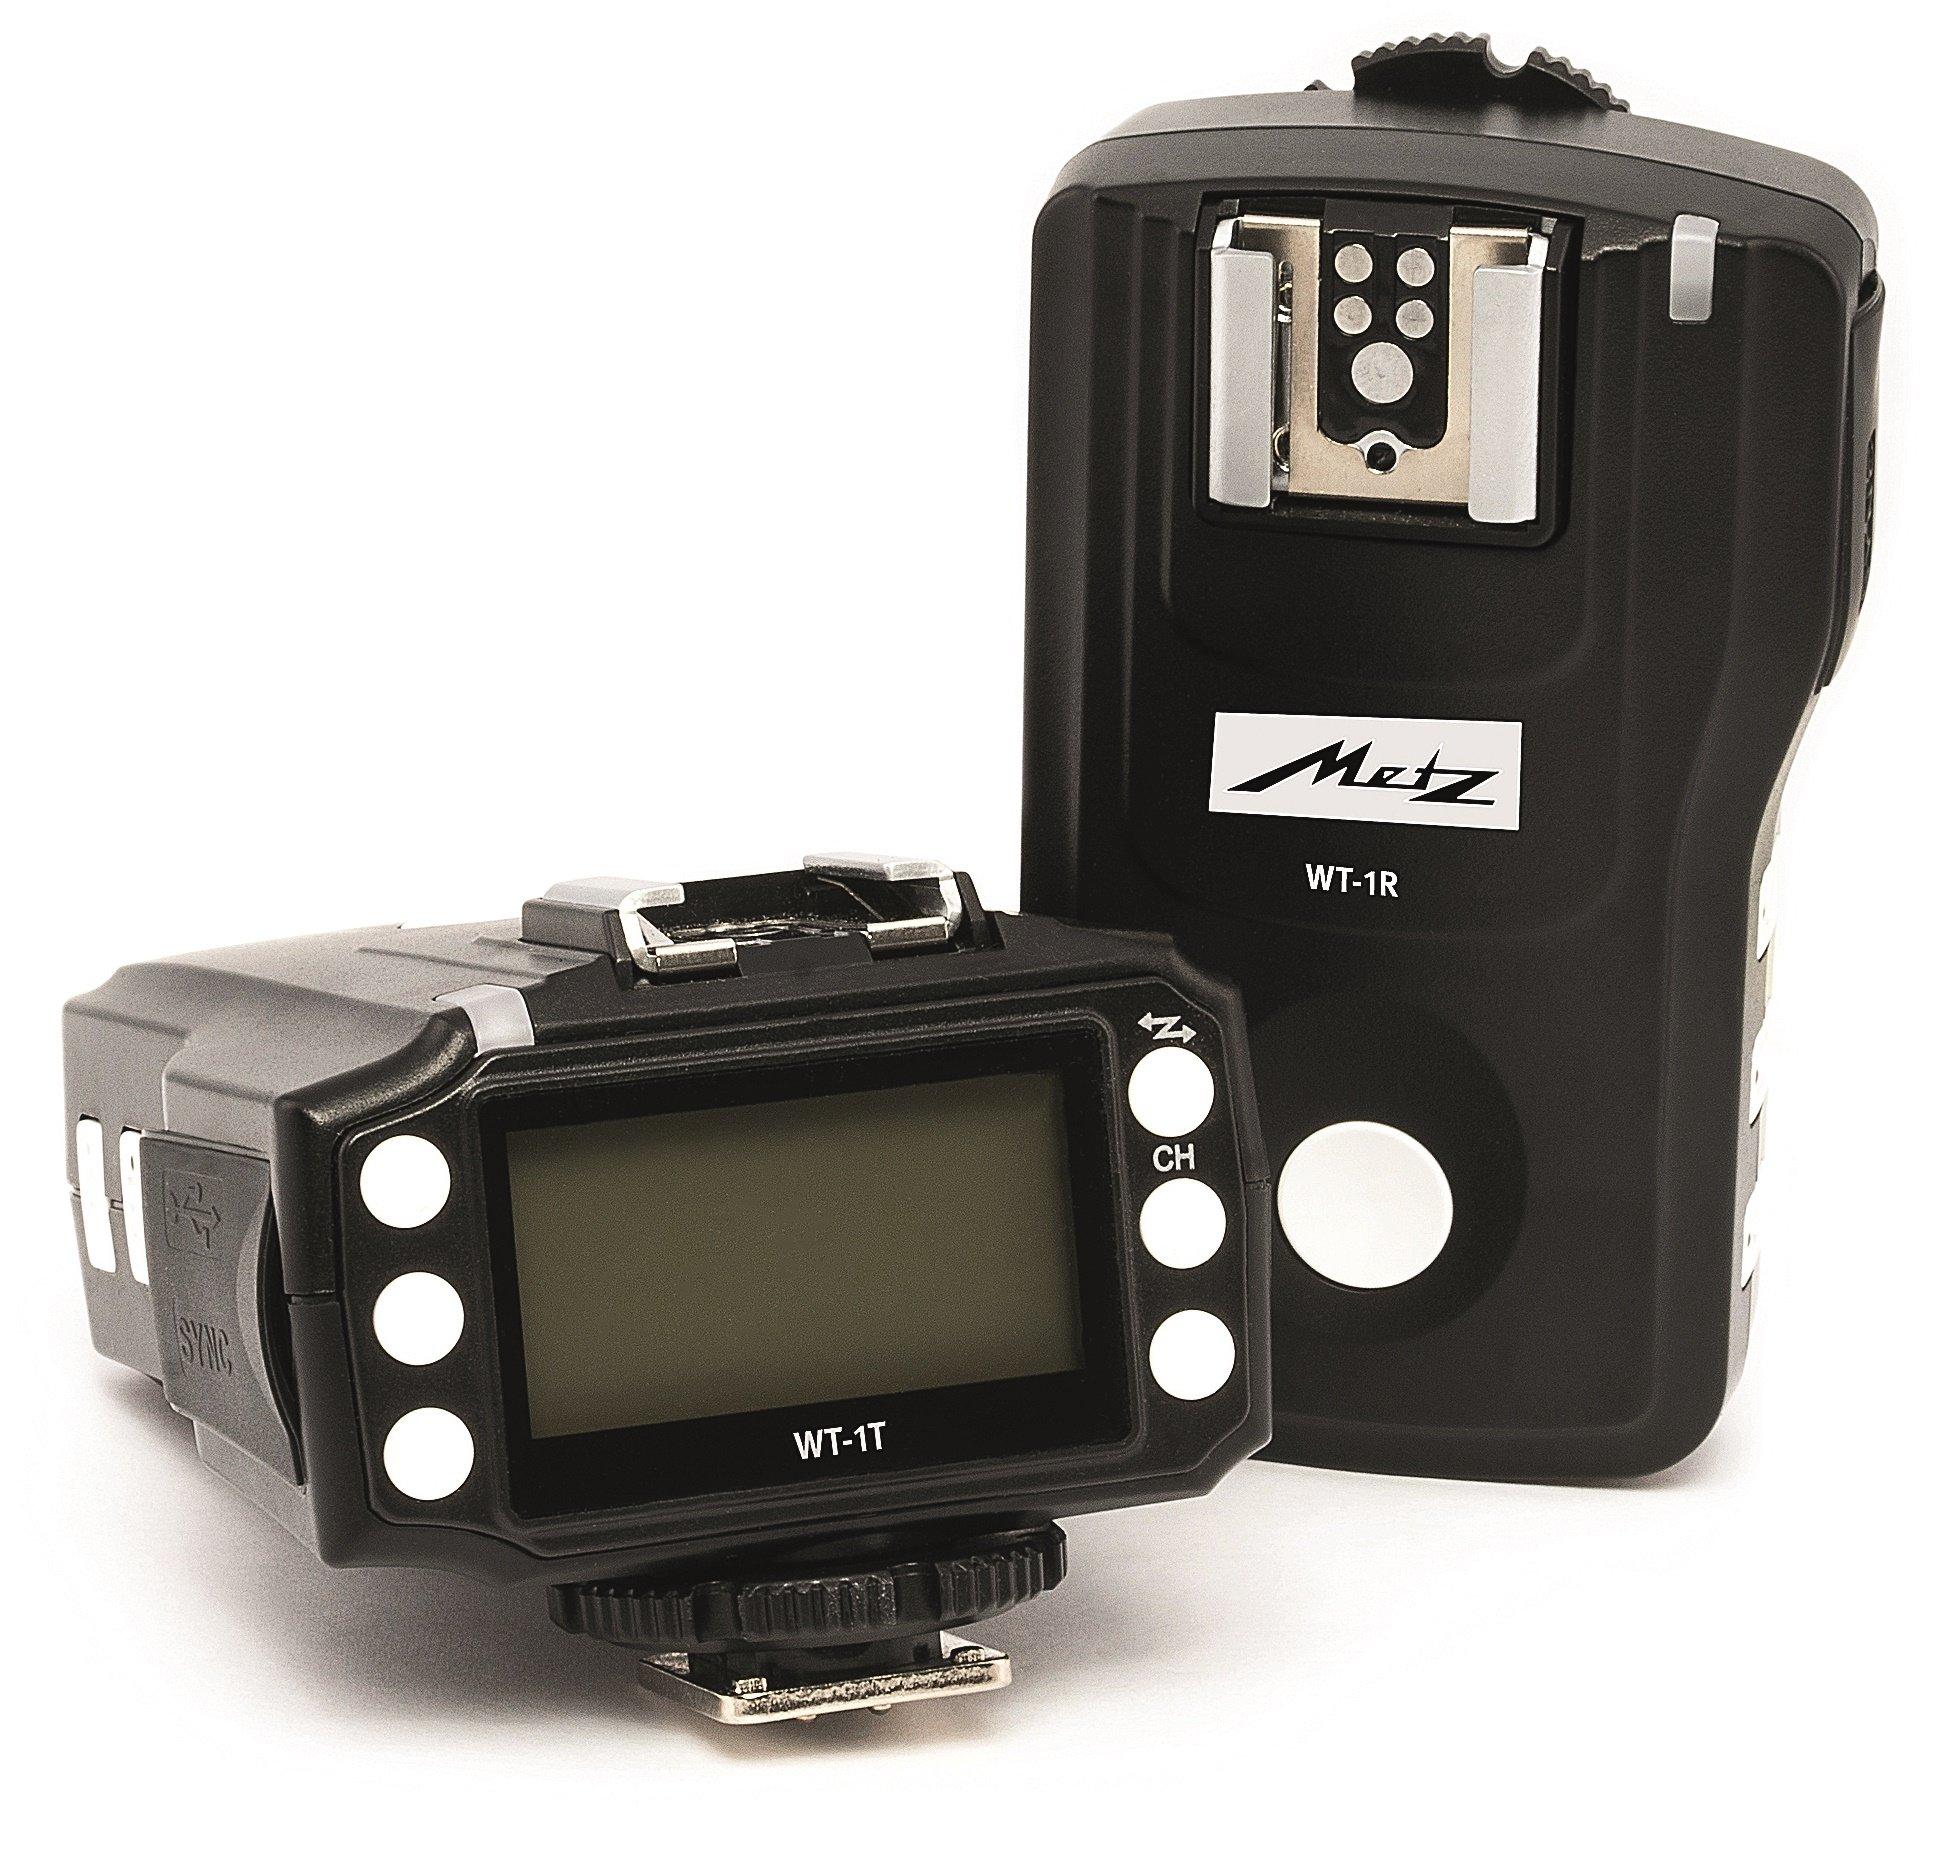 METZ WT-1 KIT rádiový odpalovač/přijímač blesku pro Nikon TTL (set 1+1)